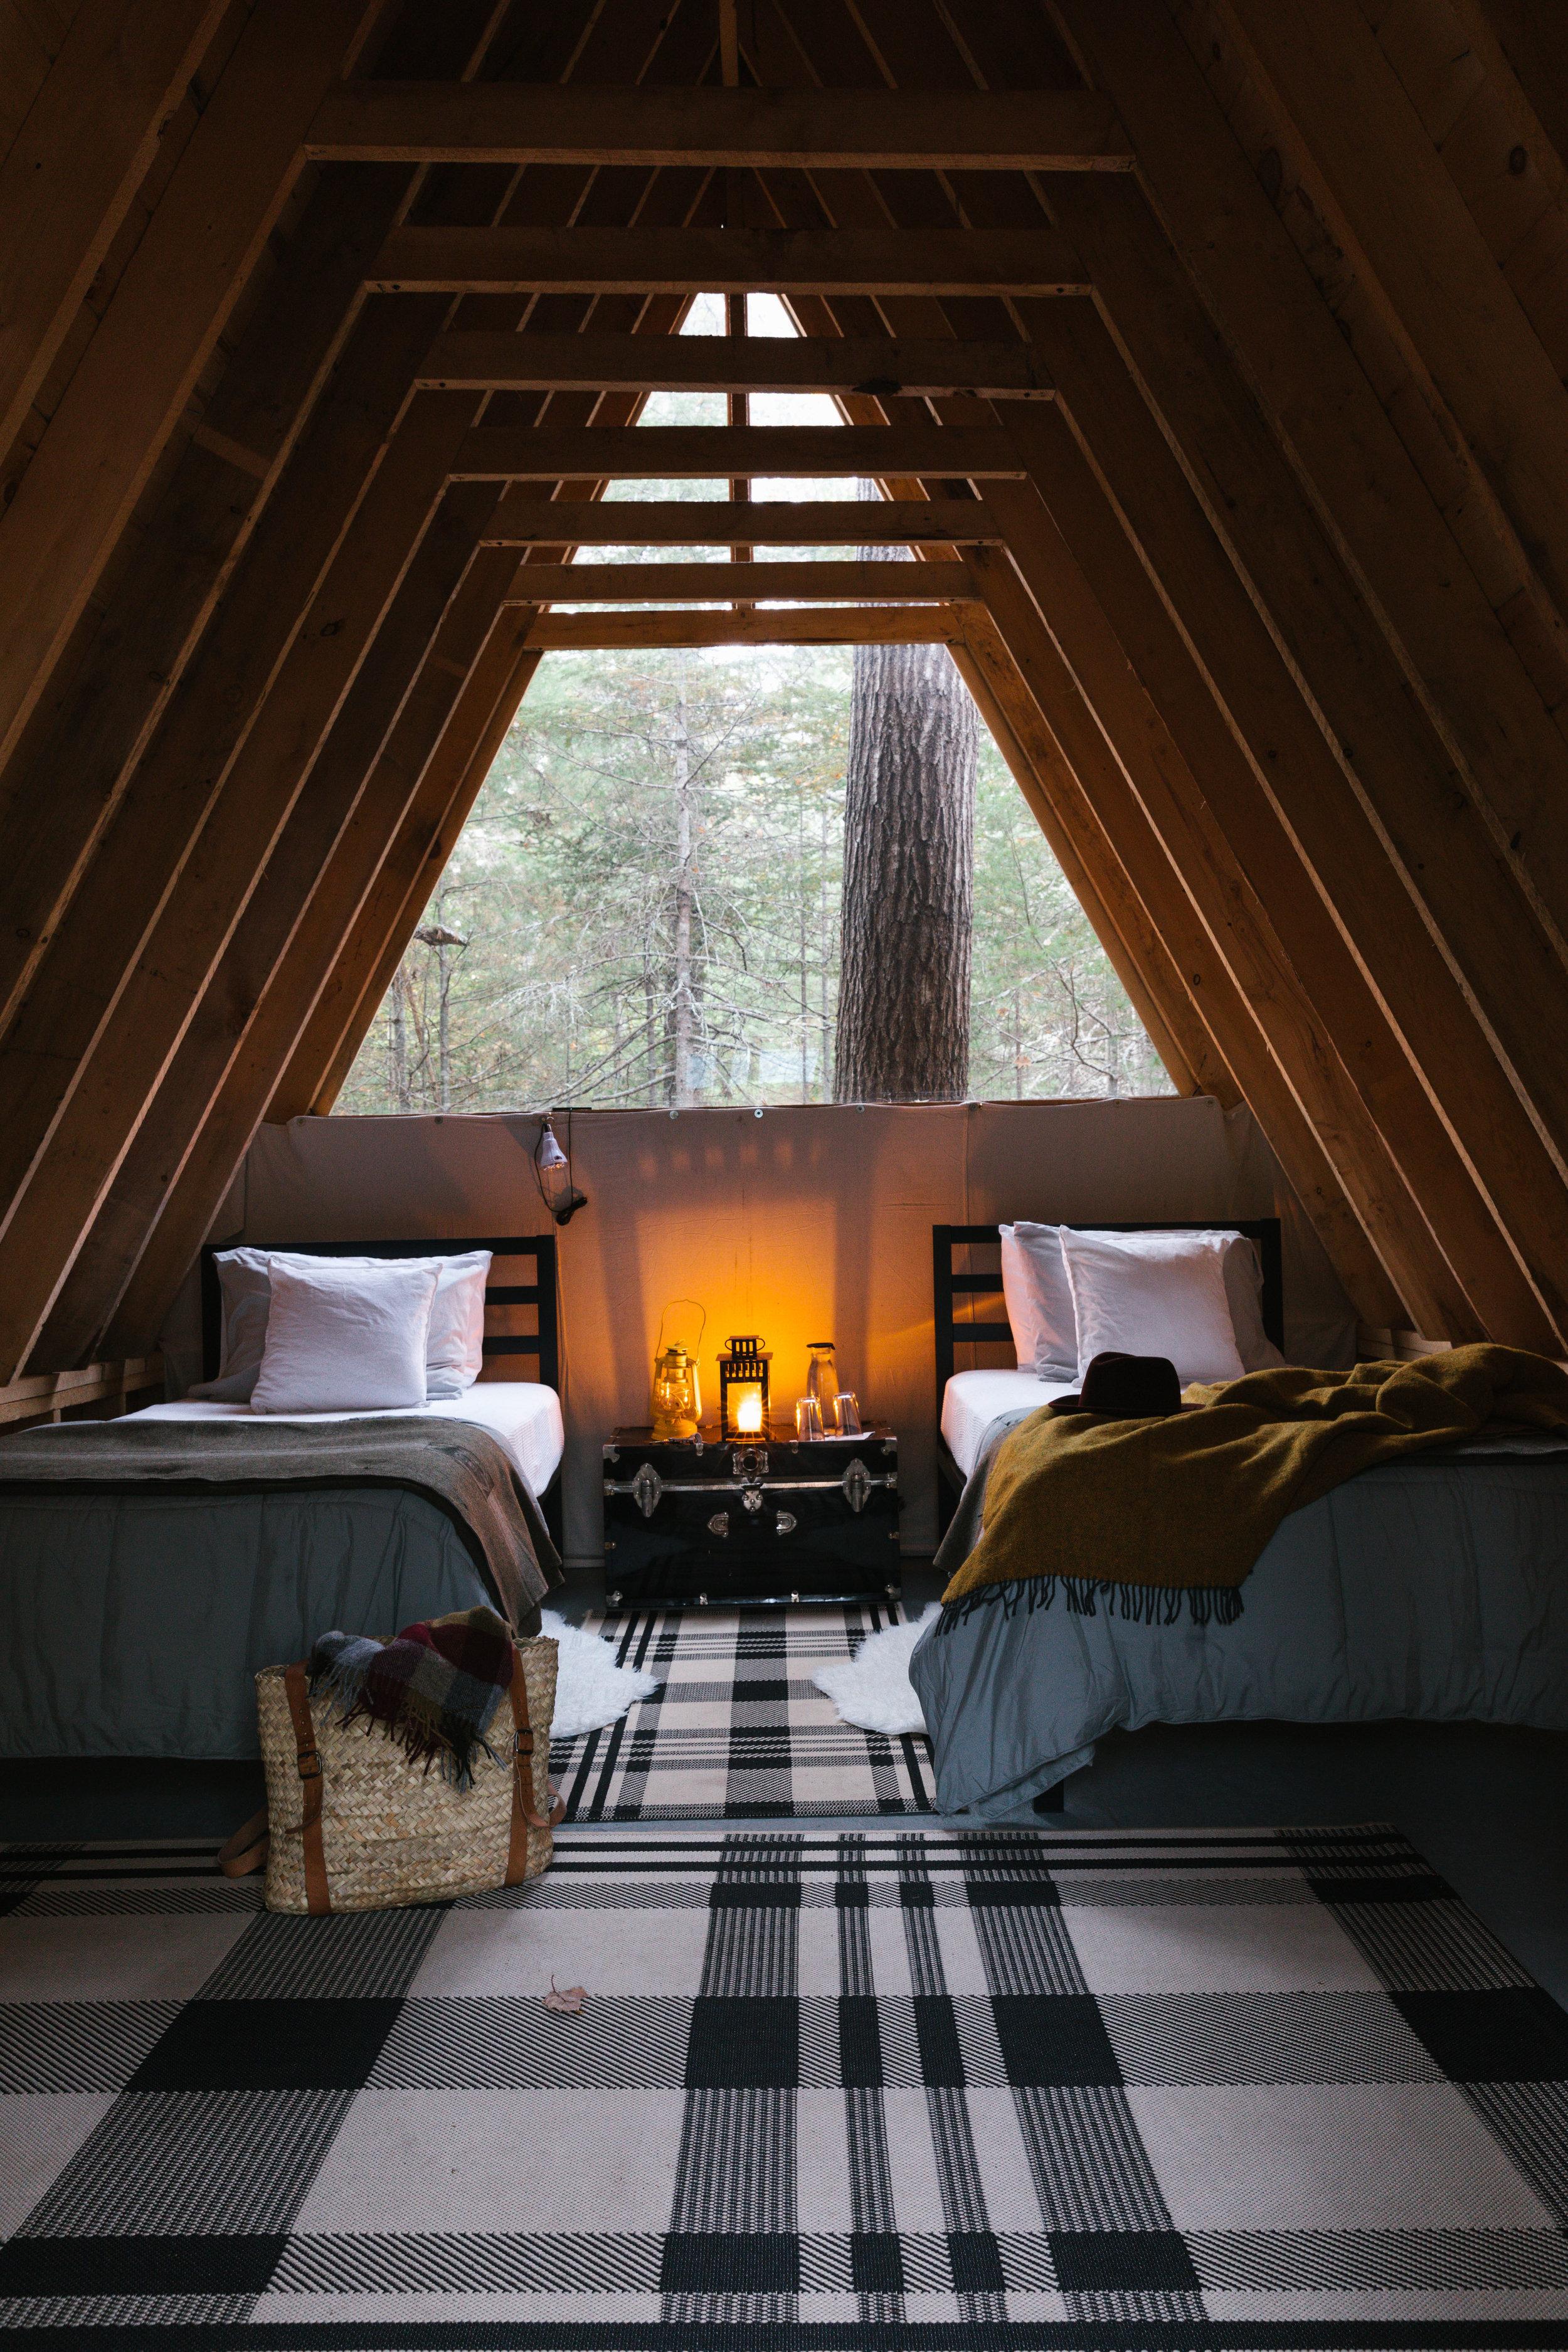 The interior of cabin #4.